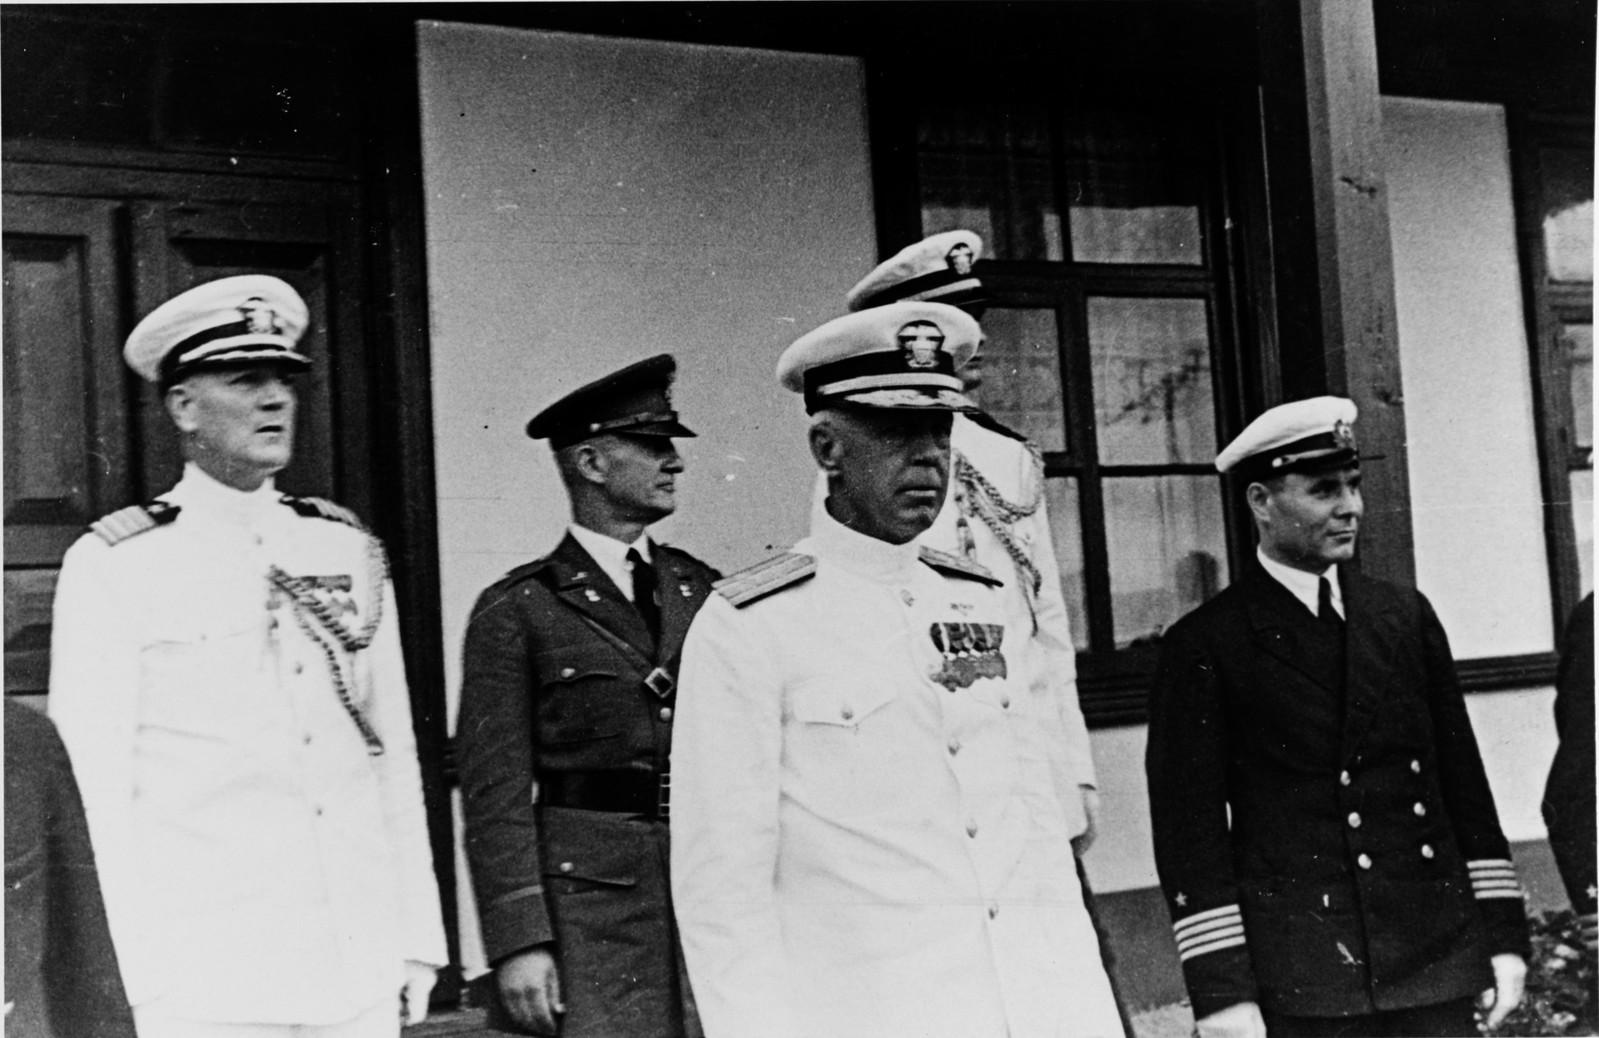 Главнокомандующий Азиатским флотом США адмирал Е. Н. Ярнелл, лейтенант Дж. Сильвестр и неопознанный капитан российского флота